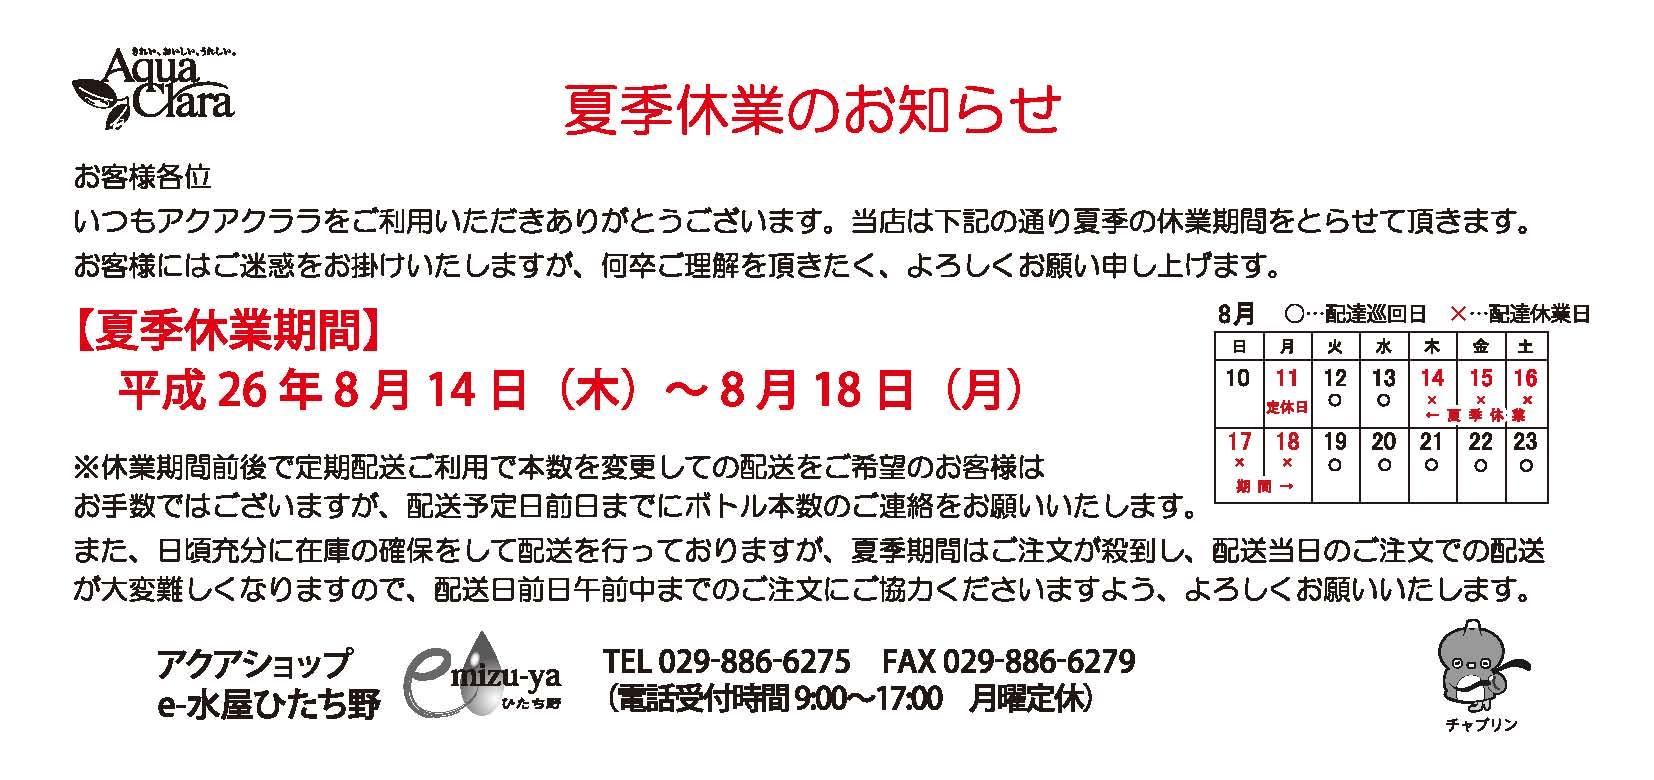 夏季休業のお知らせ2014